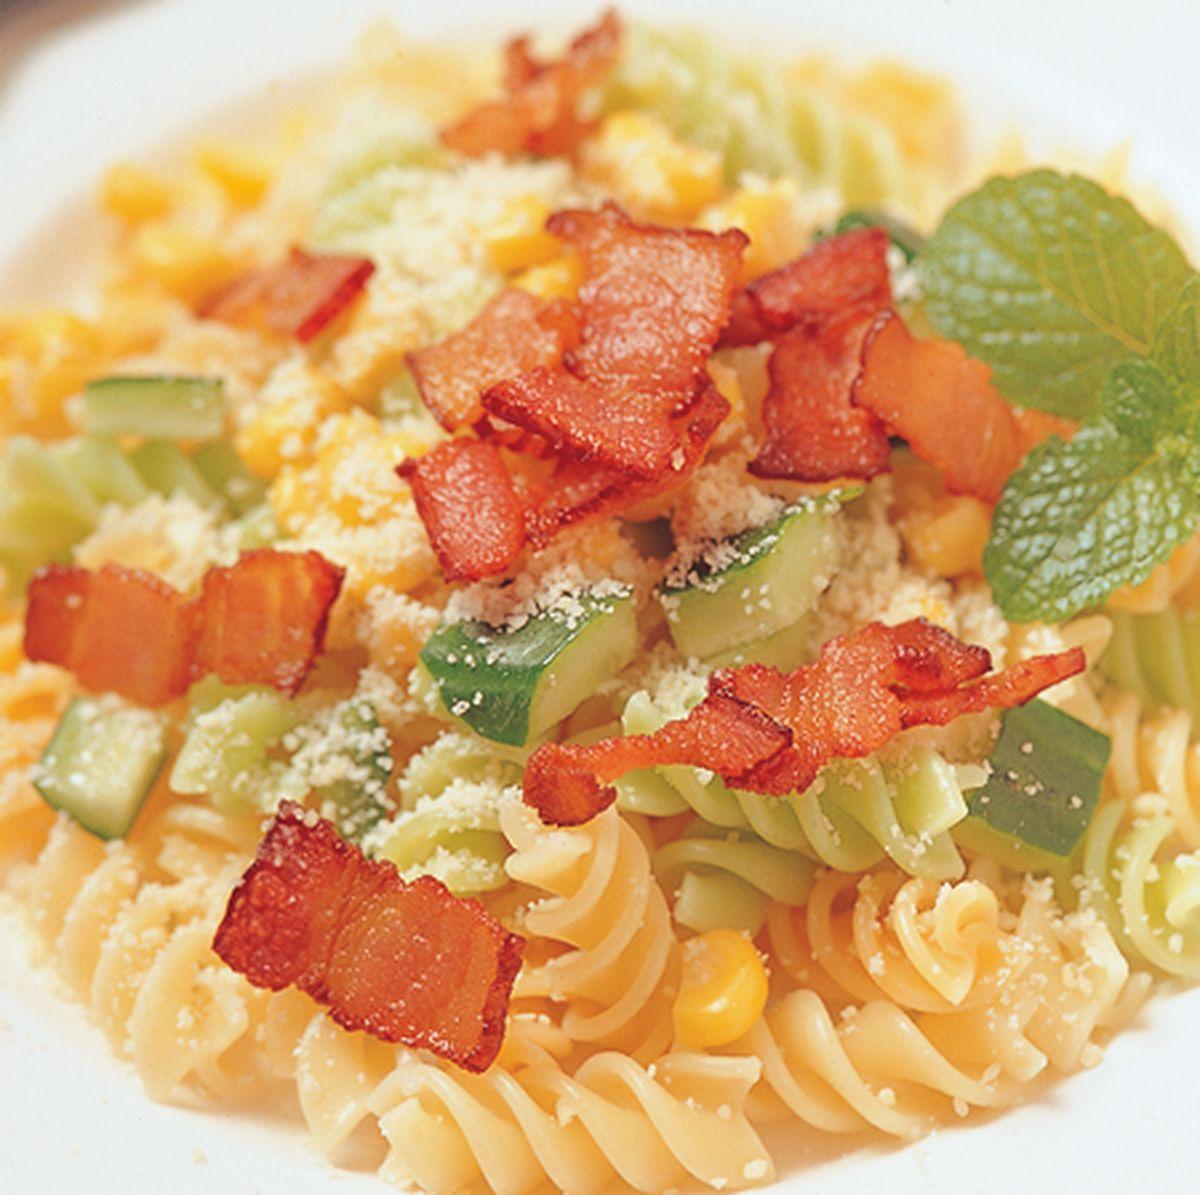 食譜:義大利培根沙拉麵